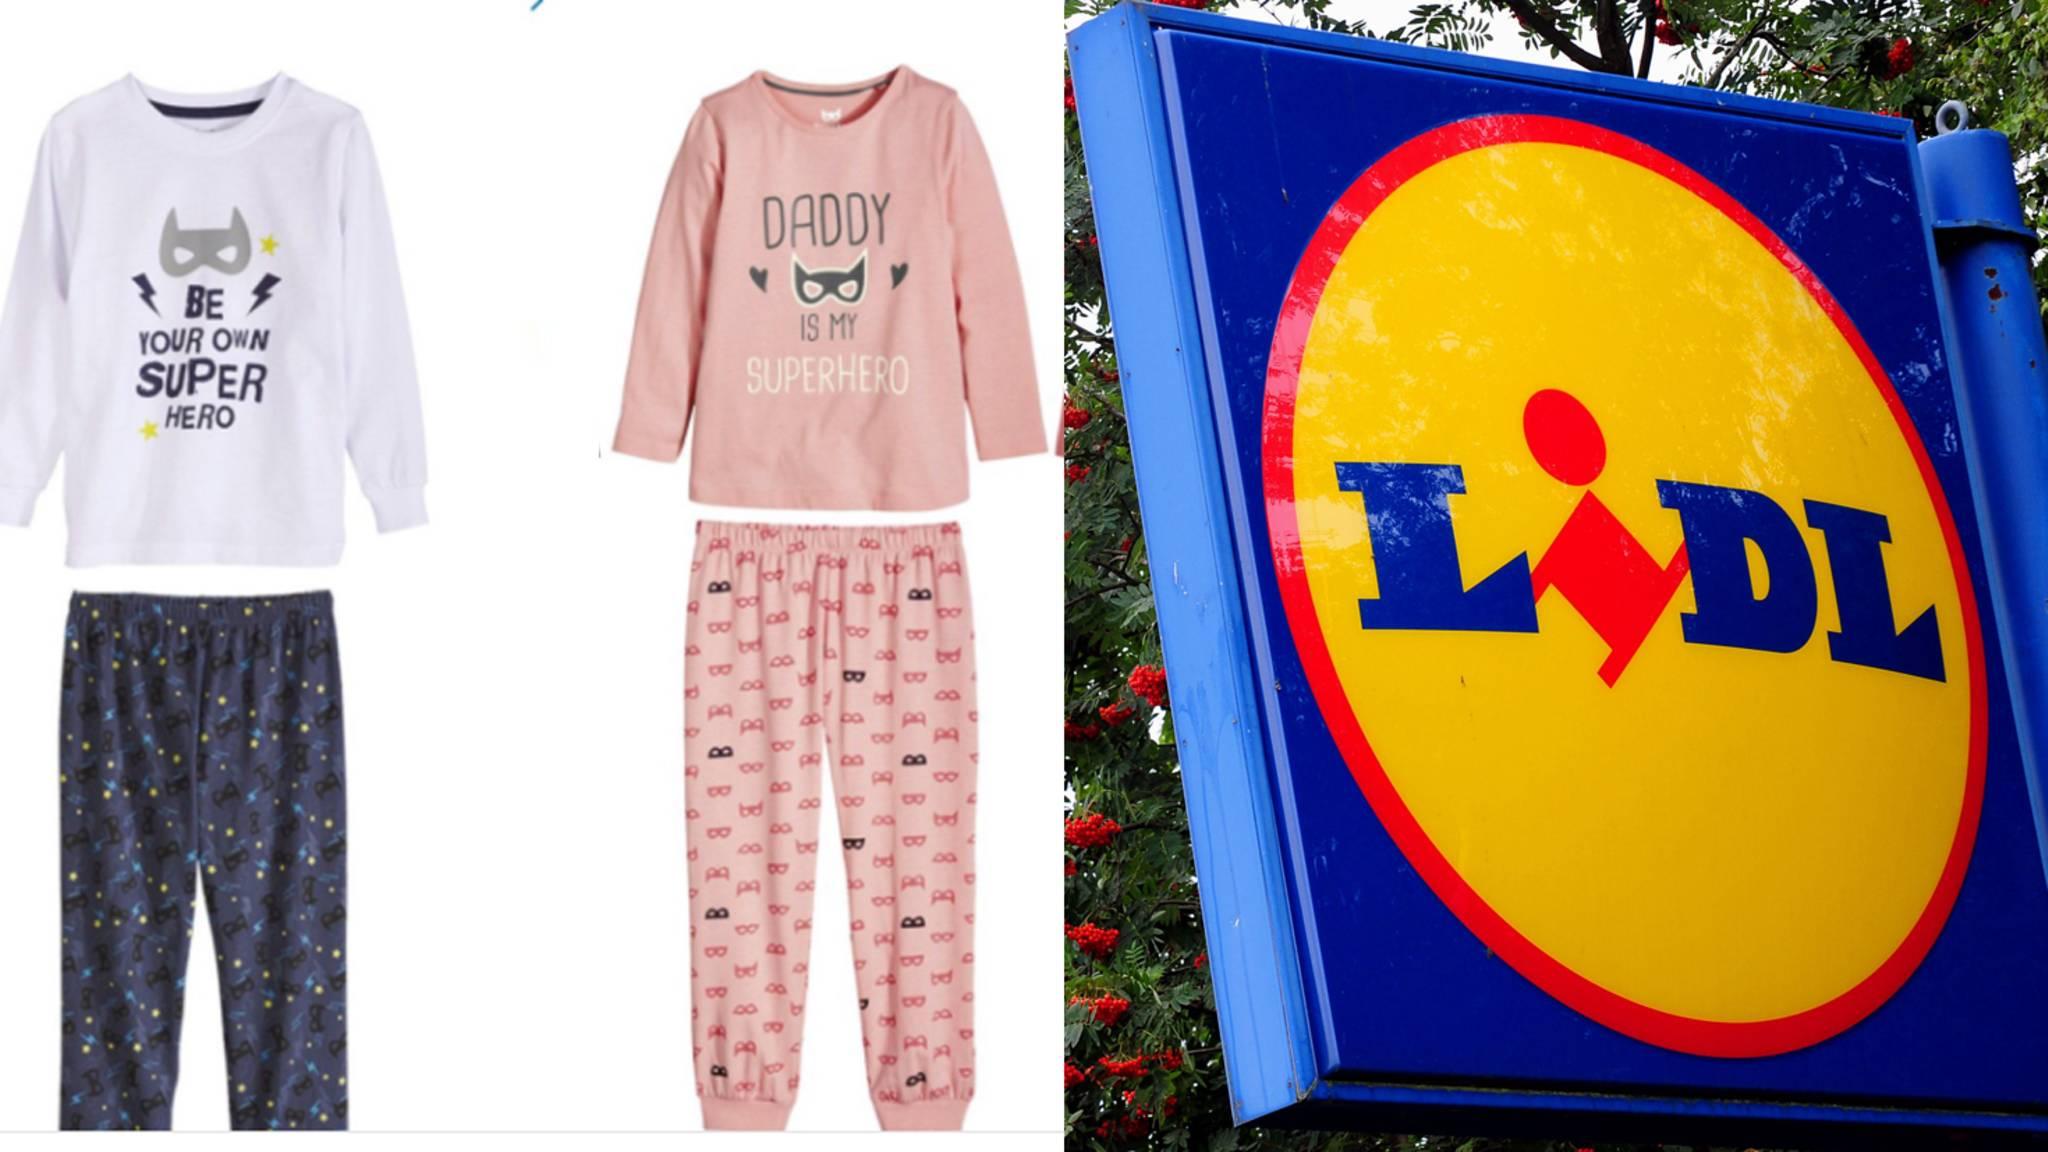 Wählen Sie für späteste angenehmes Gefühl Mode Lidl: Kinder-Schlafanzüge sorgen für Sexismus-Shitstorm ...